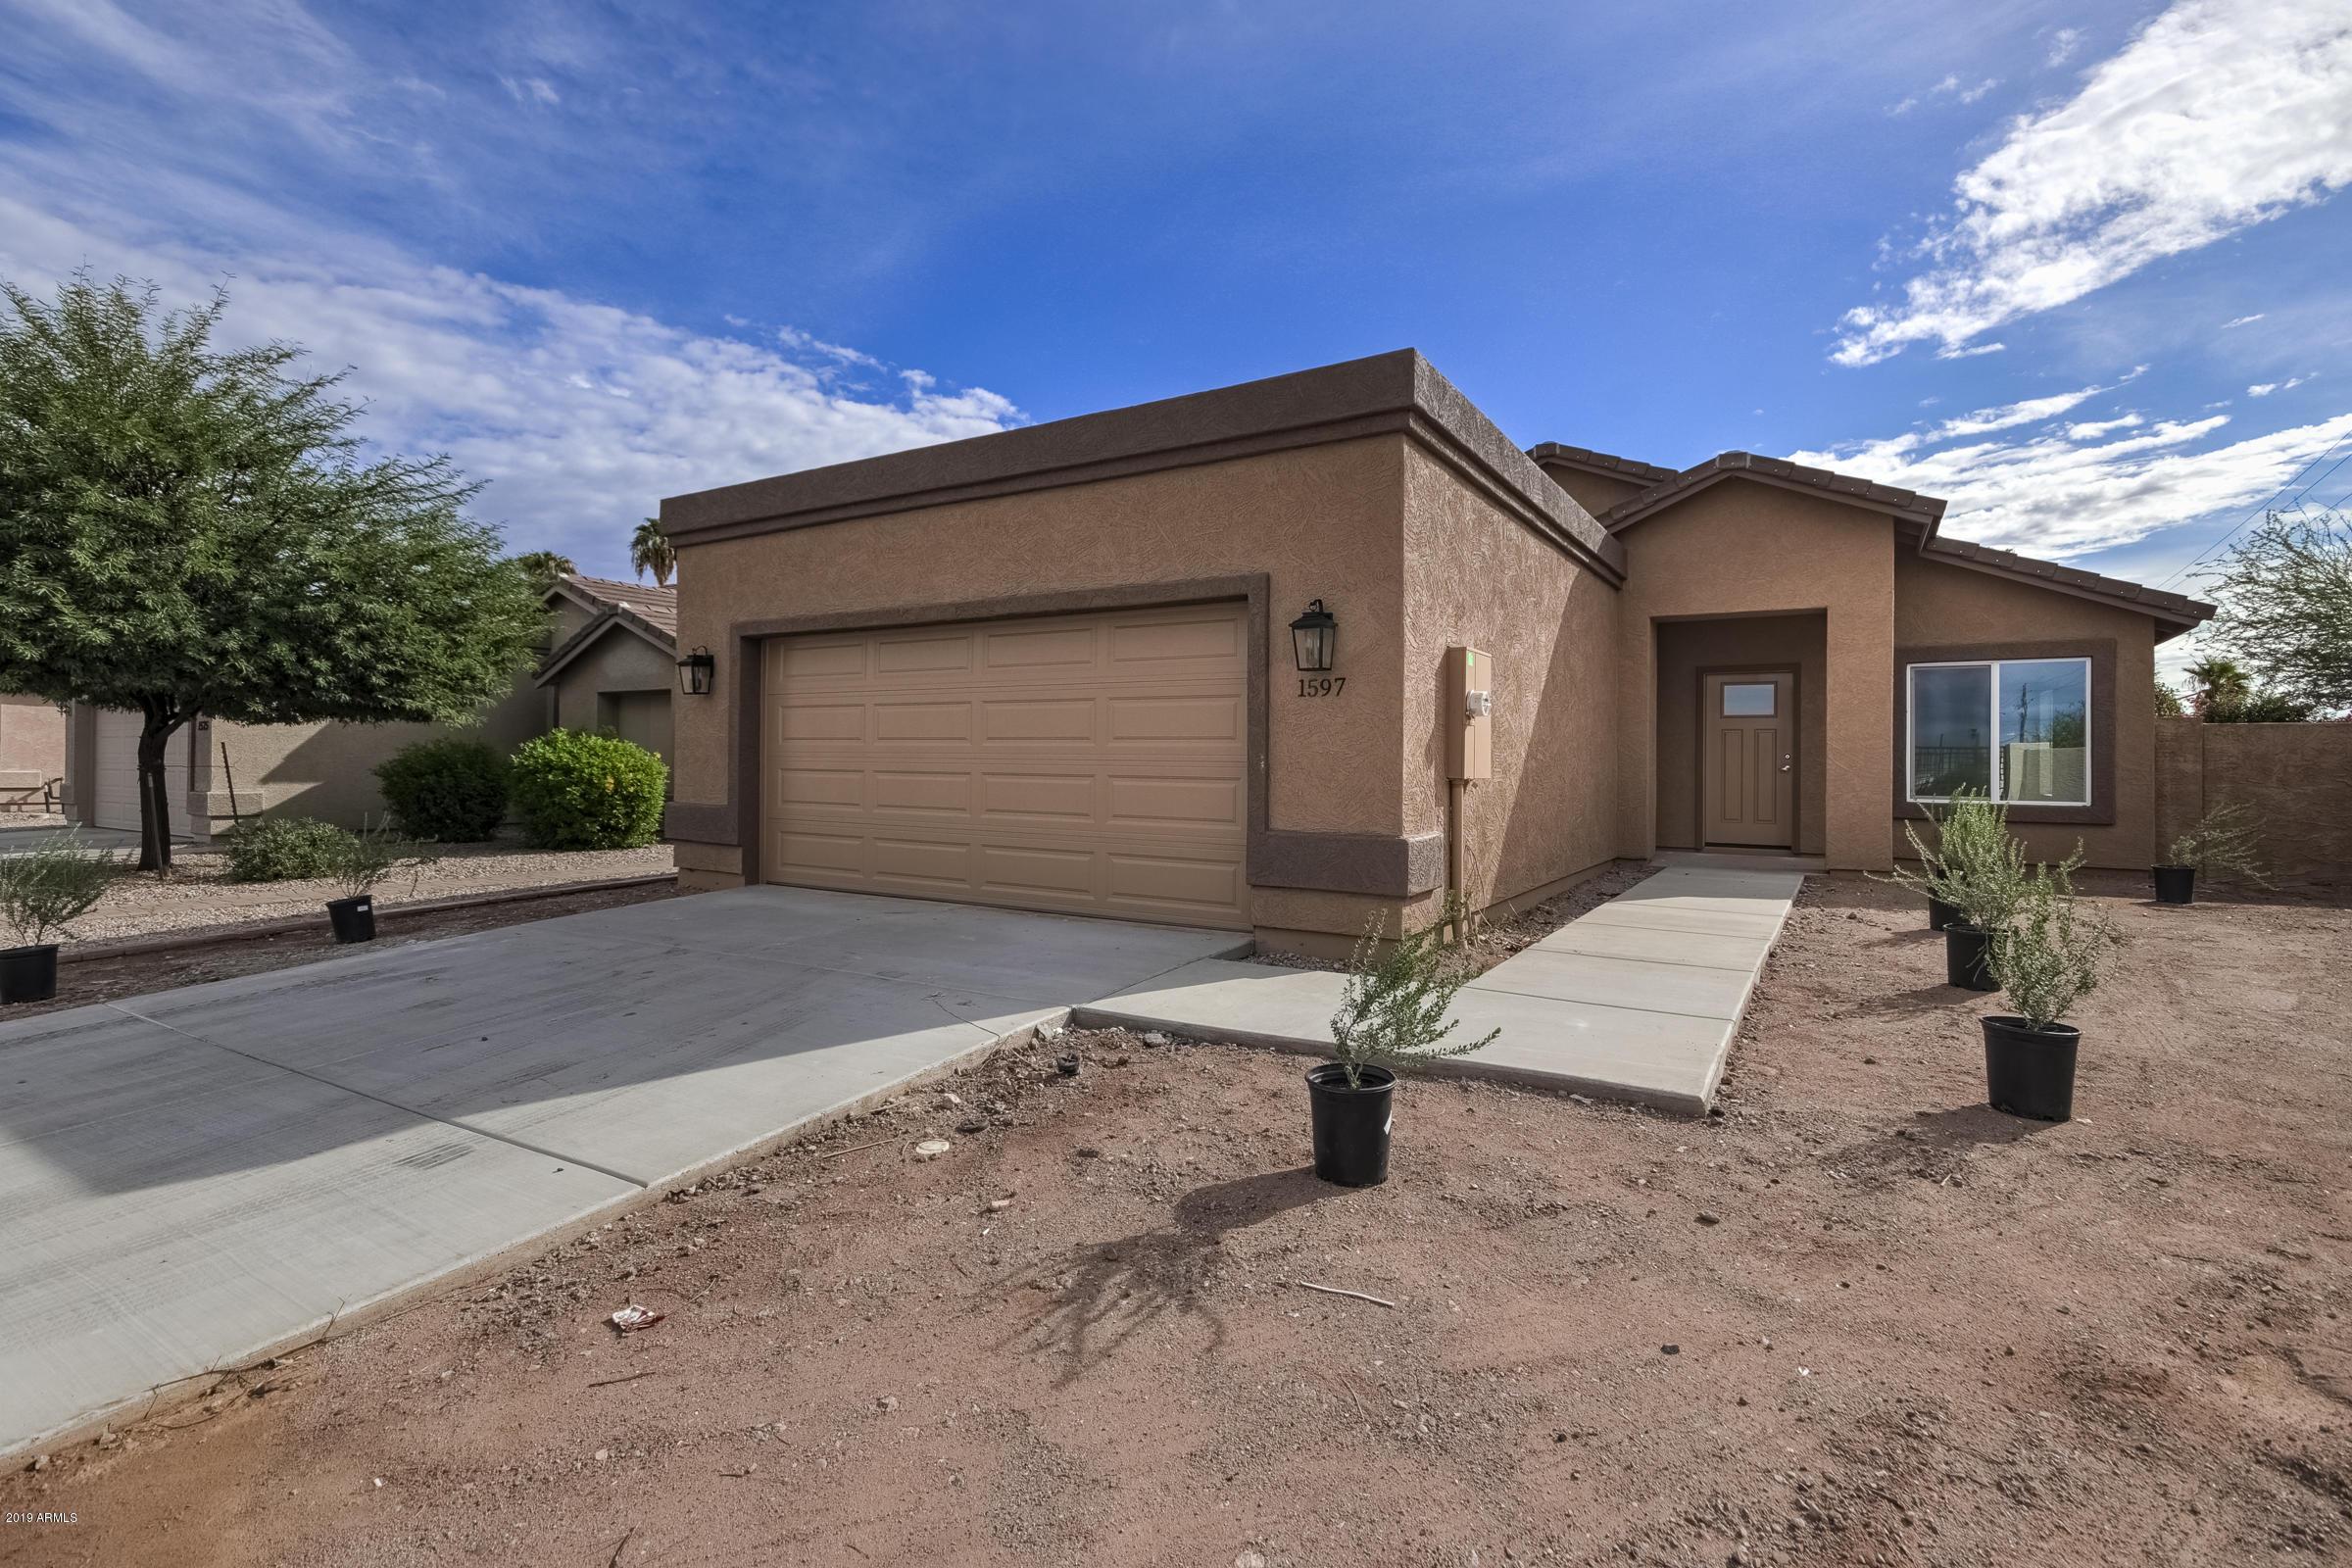 Photo of 1597 S Apache Drive, Apache Junction, AZ 85120